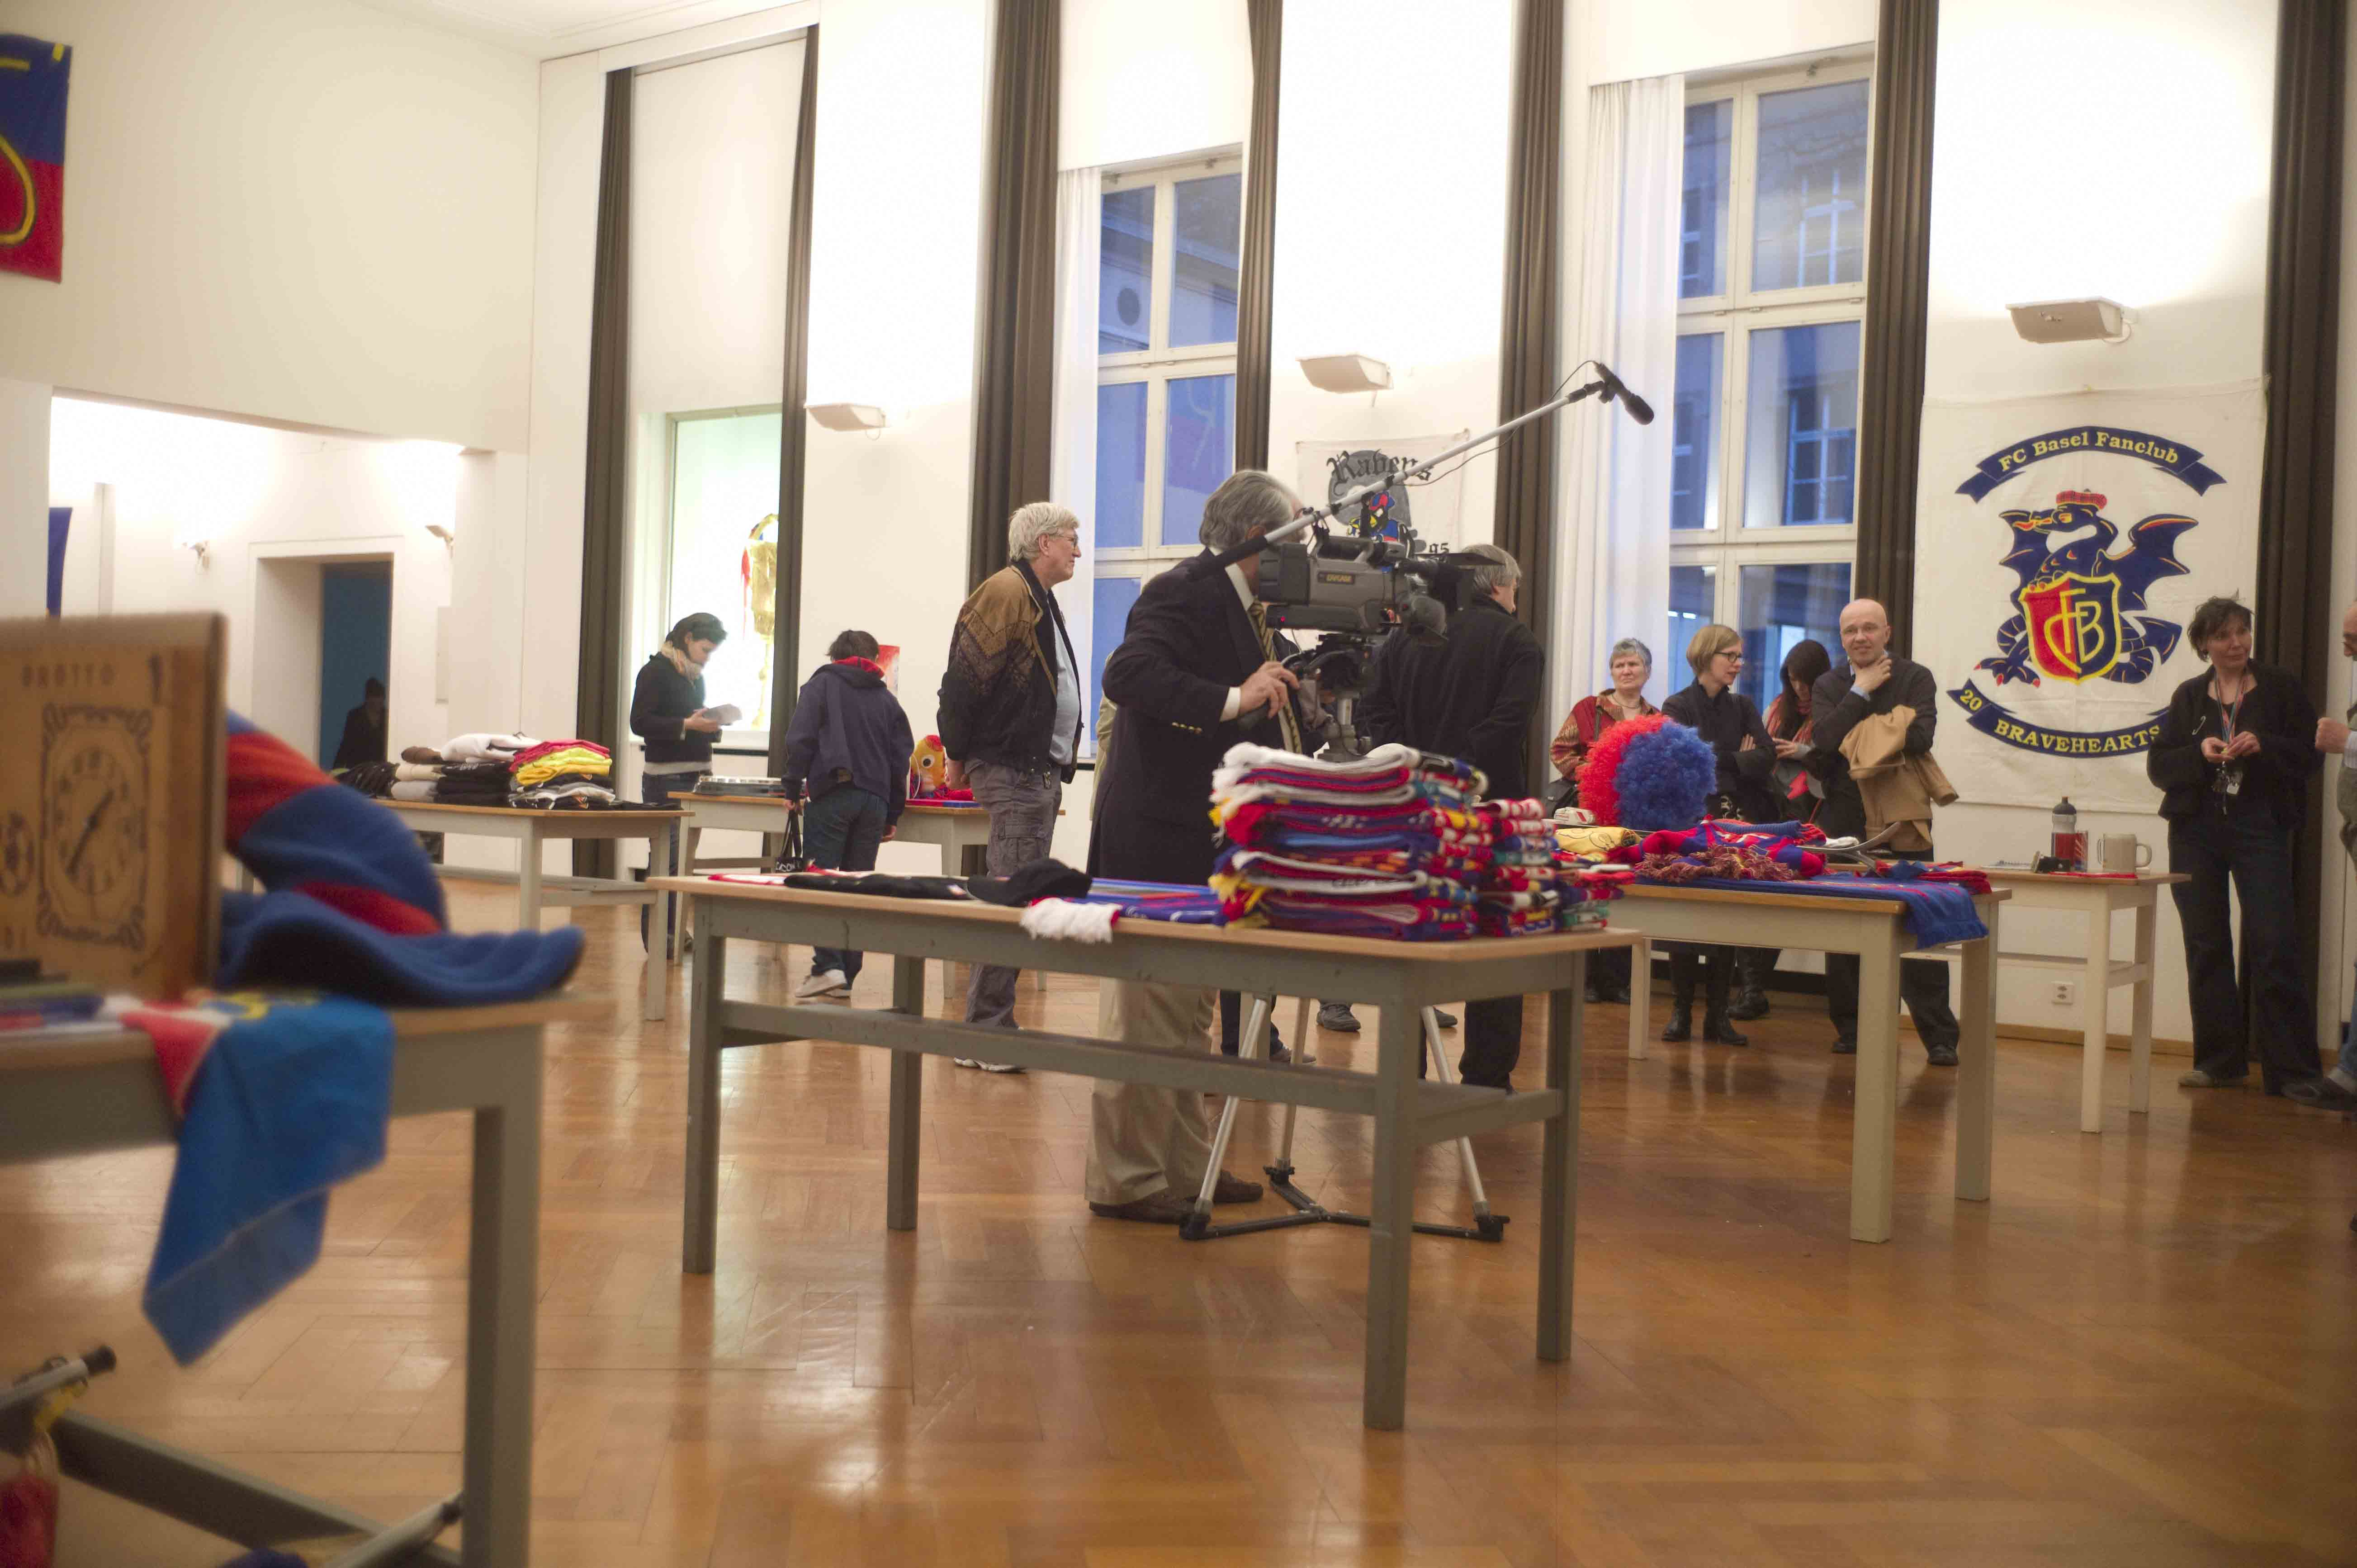 2011 curators cut 16